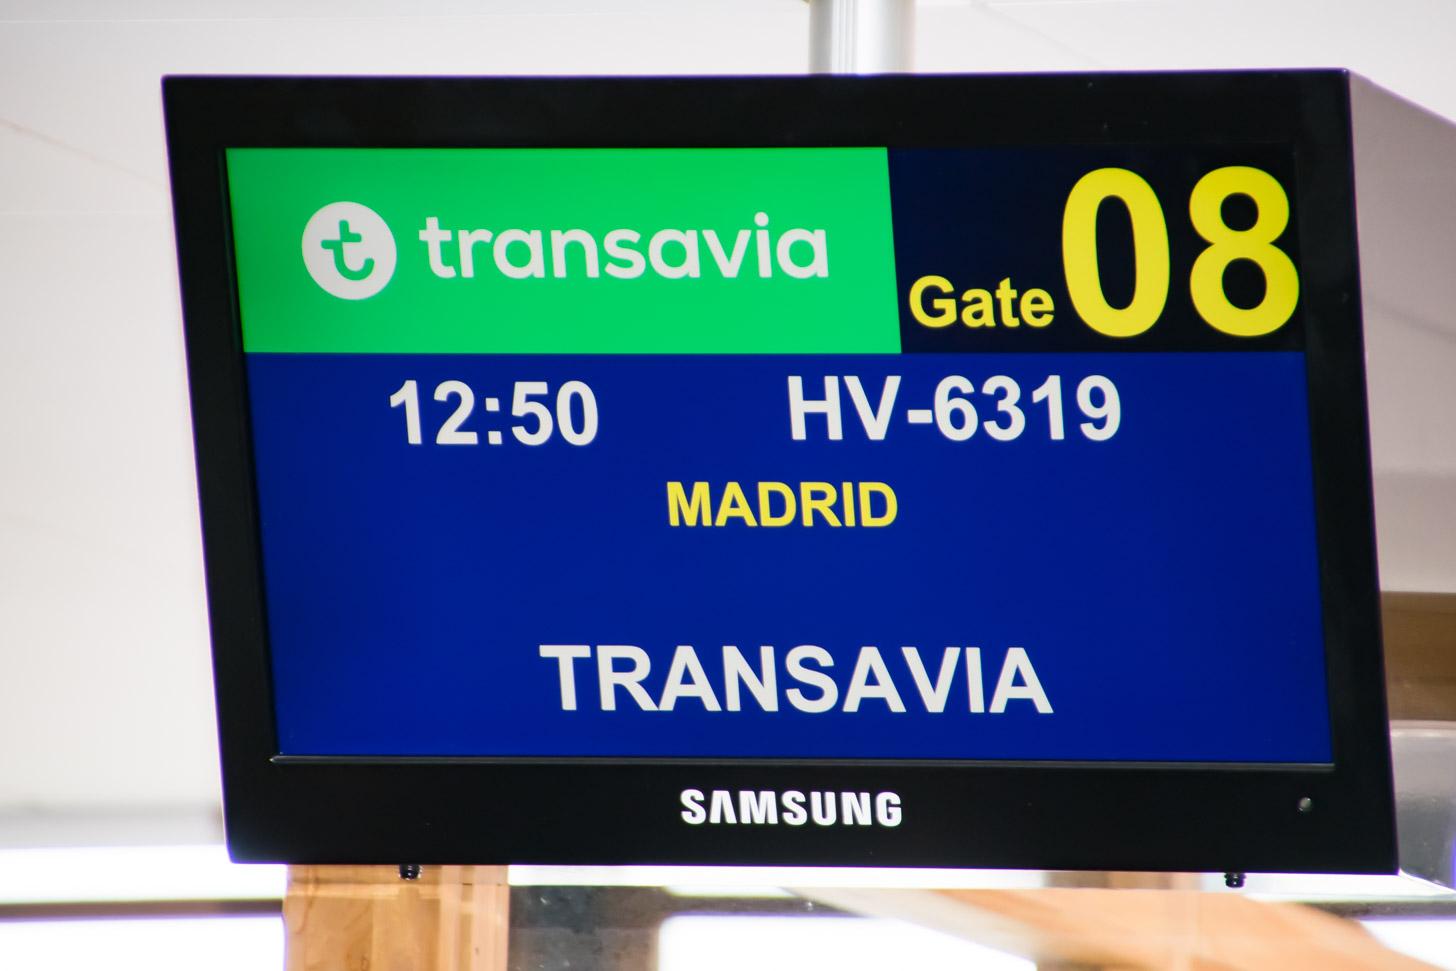 Transavia vlucht HV6319 staat gereed voor vertrek naar Madrid.